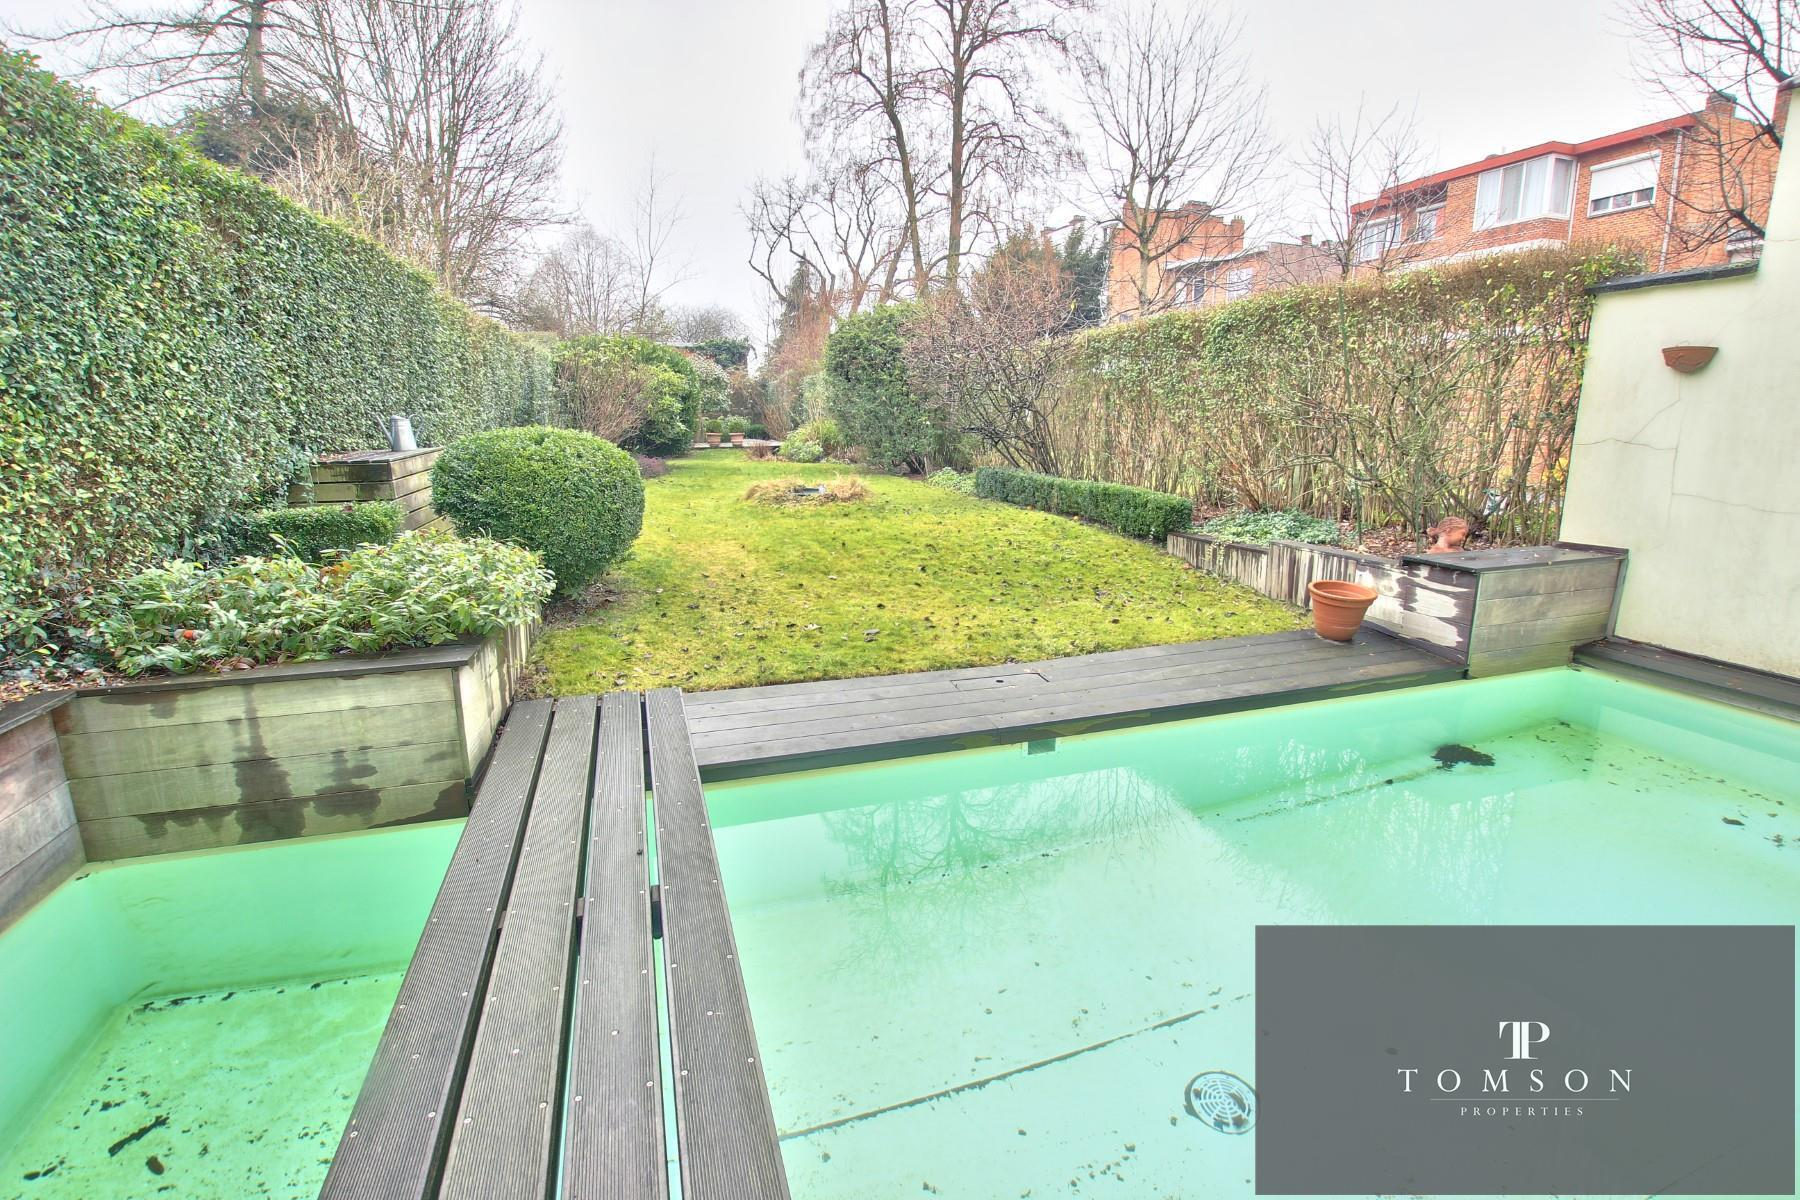 Appartement exceptionnel - Ixelles - #4098210-3